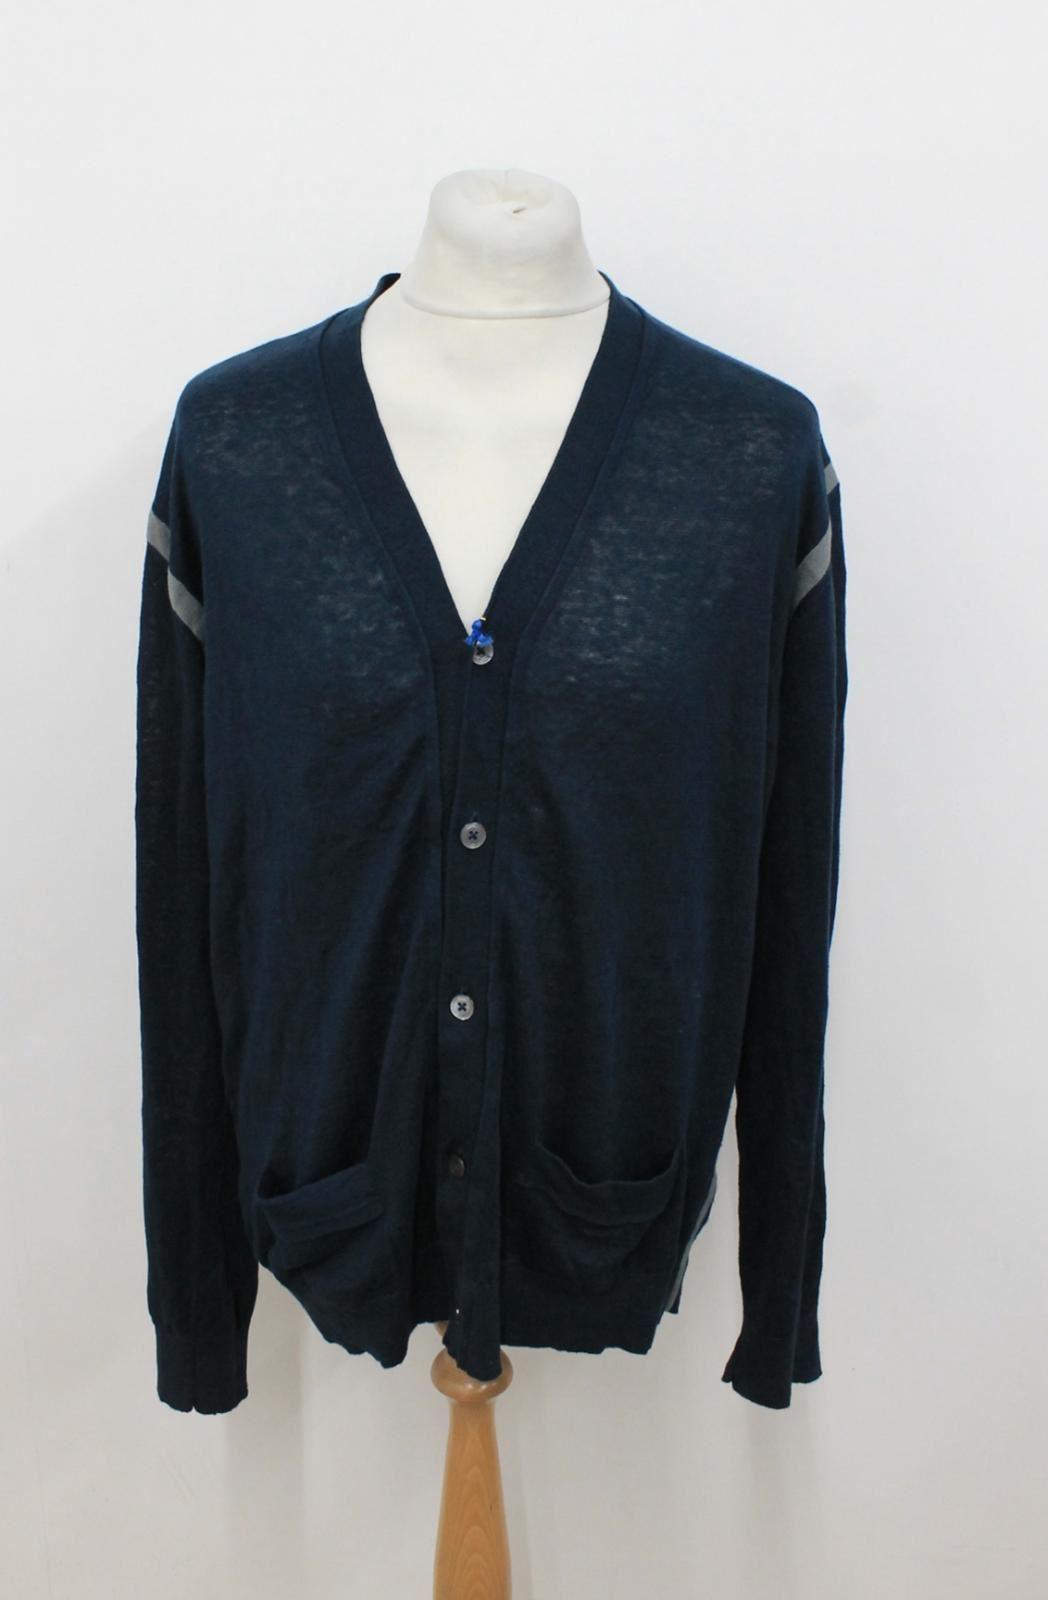 lunghe Paul uomo Bnwt maniche Smith da scuro alto a Xxl con Cardigan in collo lino blu UnwxRd68wq